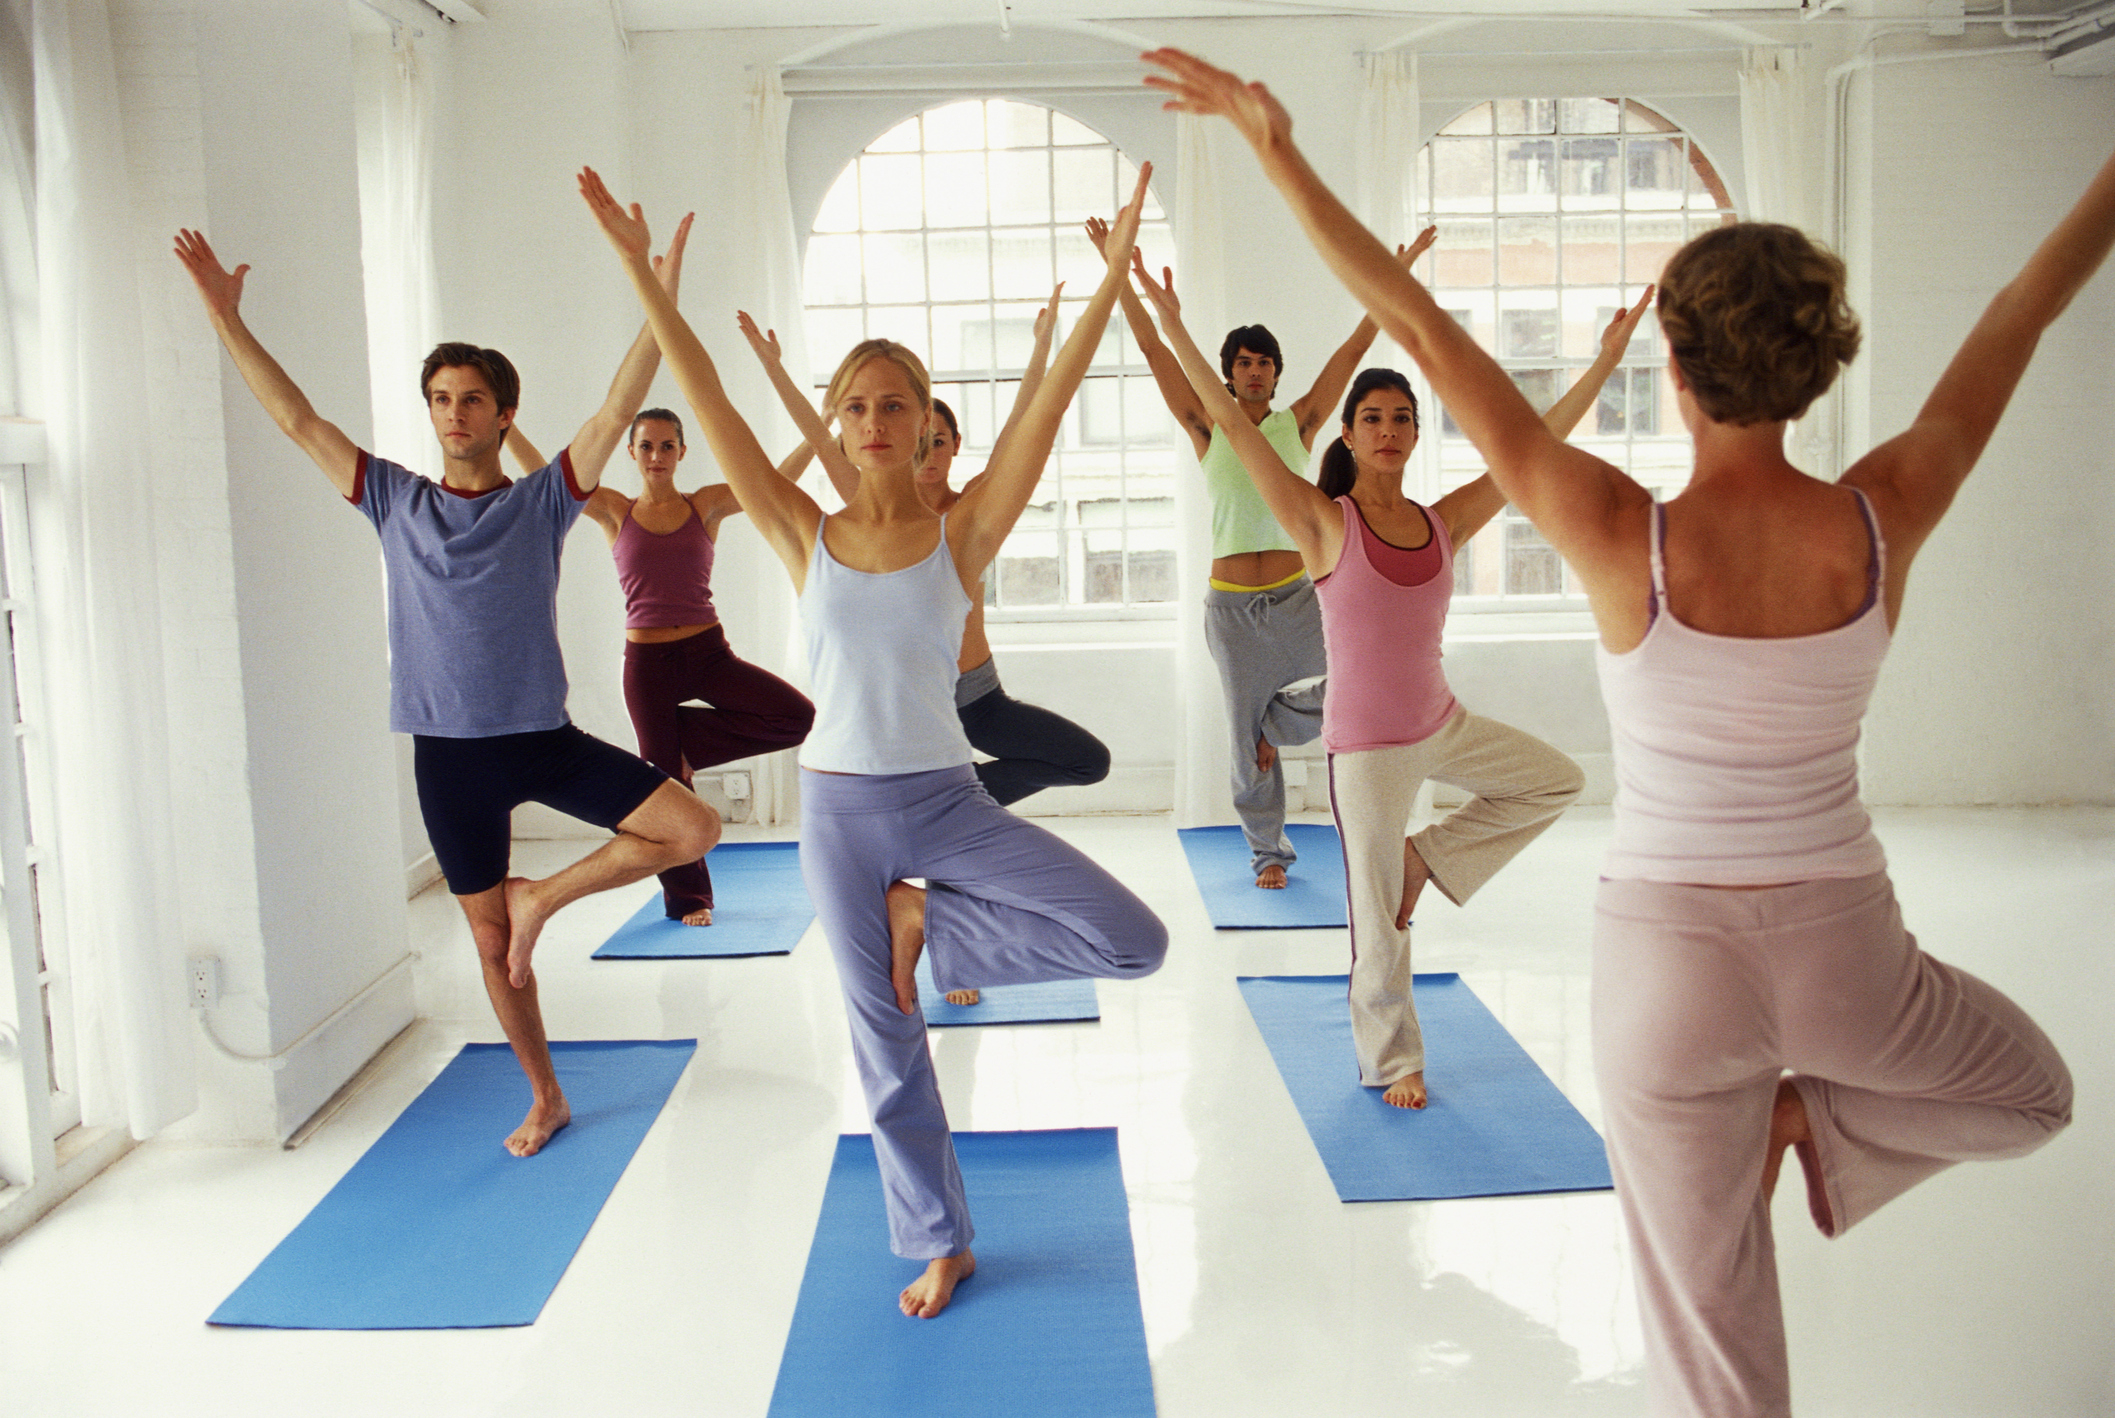 Хатха йога: 183 ккал/ч   228 ккал/ч Пауър йога: 292 ккал/ч   364 ккал/ч